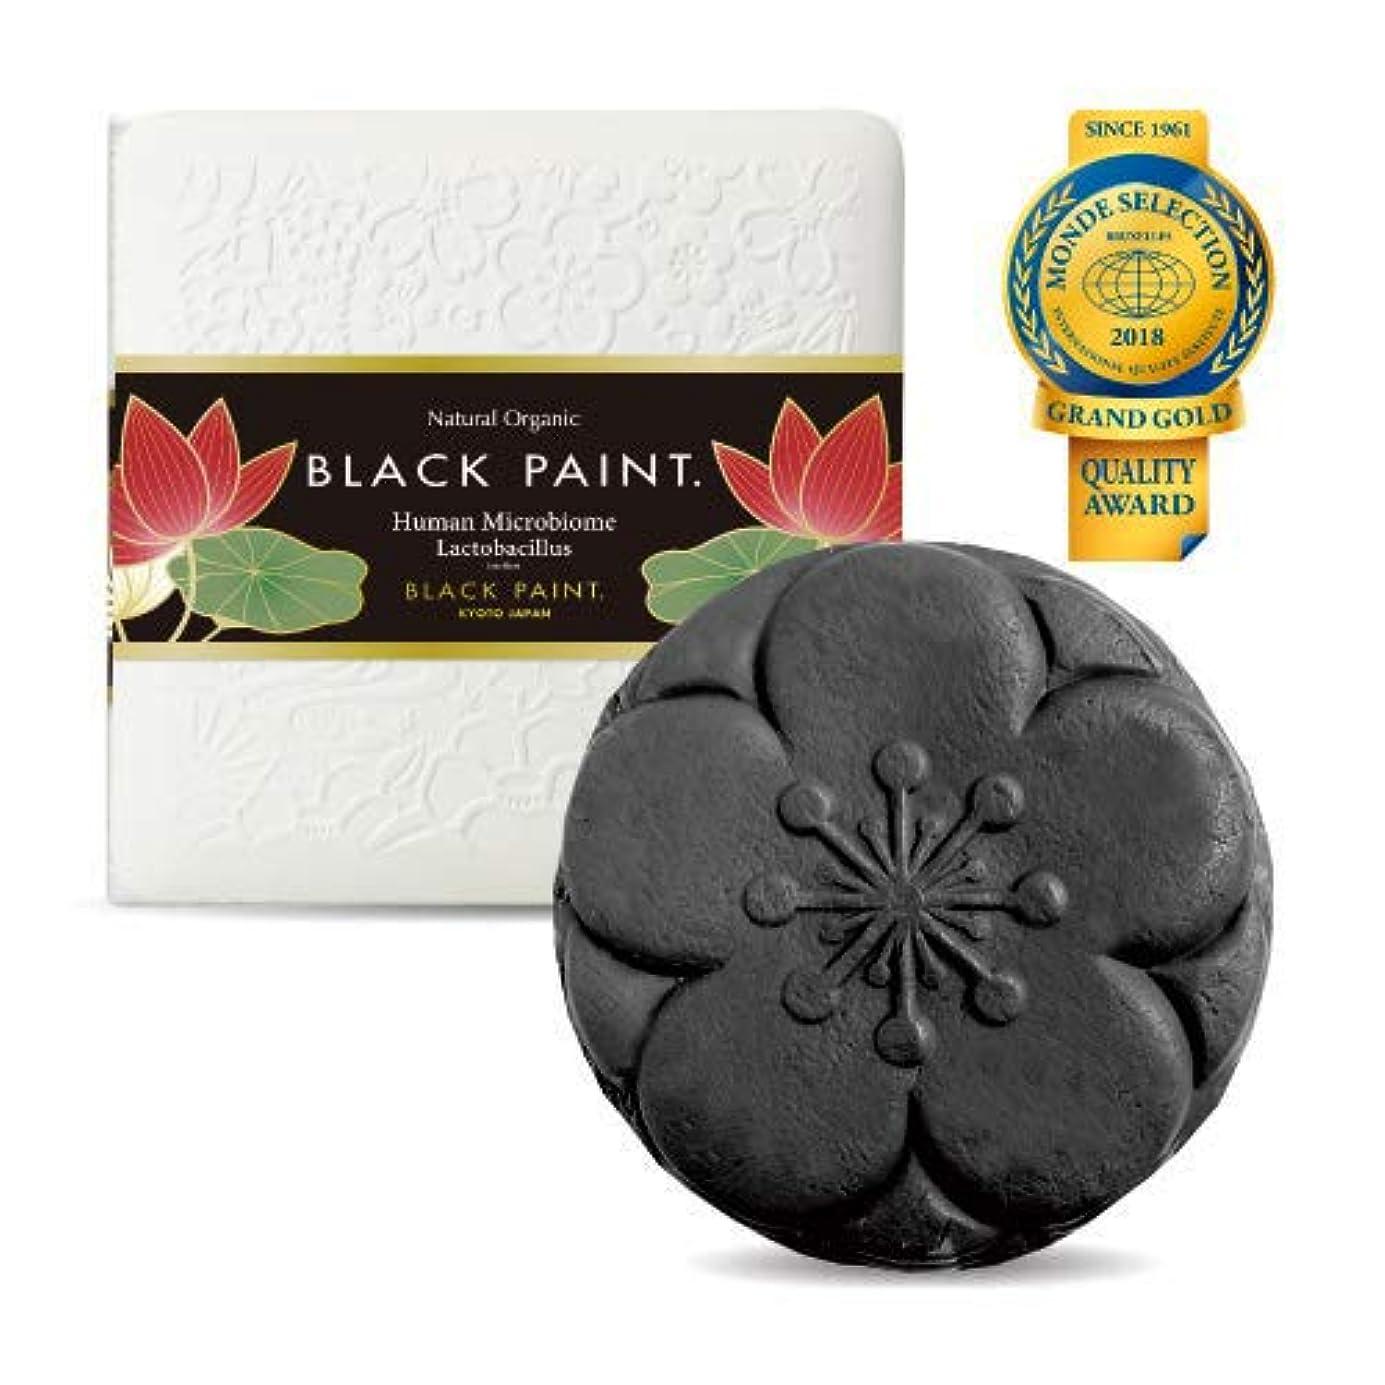 スロー非常にクラシック乳酸菌入り プレミアム ブラックペイント 60g 塗る洗顔石鹸 国産